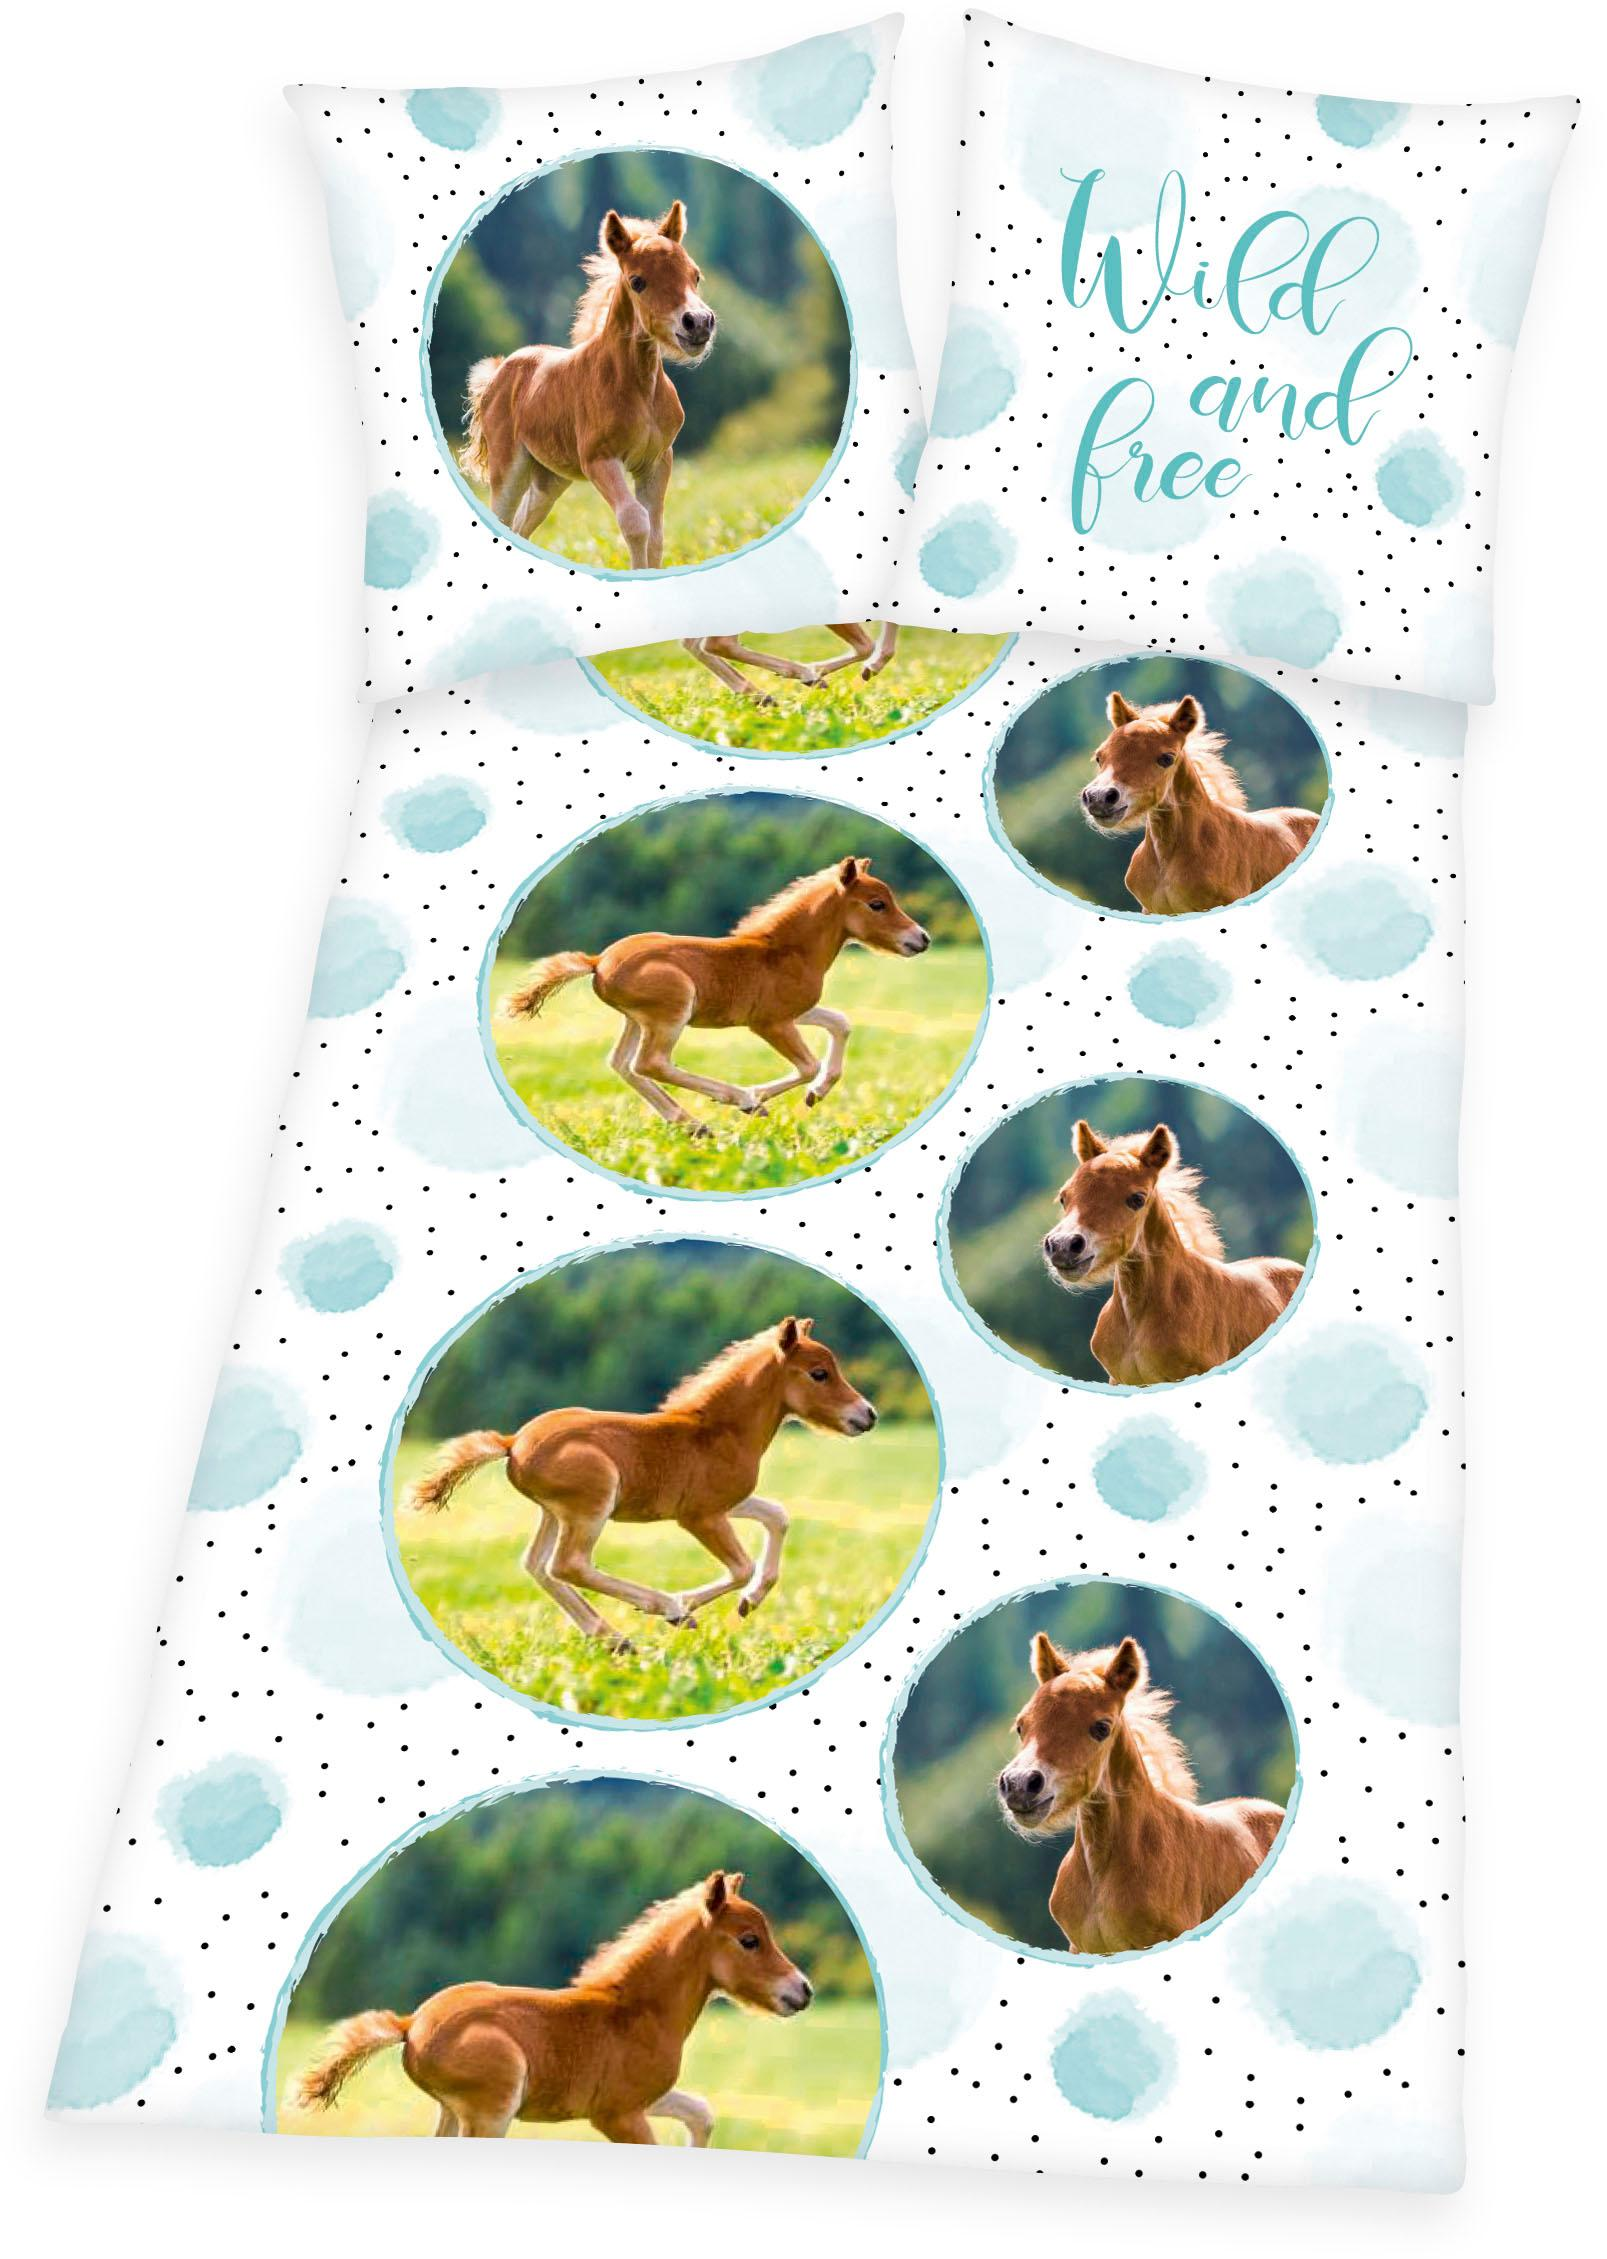 Kinderbettwäsche Young Collection Pferde Herding Young Collection | Kinderzimmer > Textilien für Kinder > Kinderbettwäsche | Weiß | Herding Young Collection